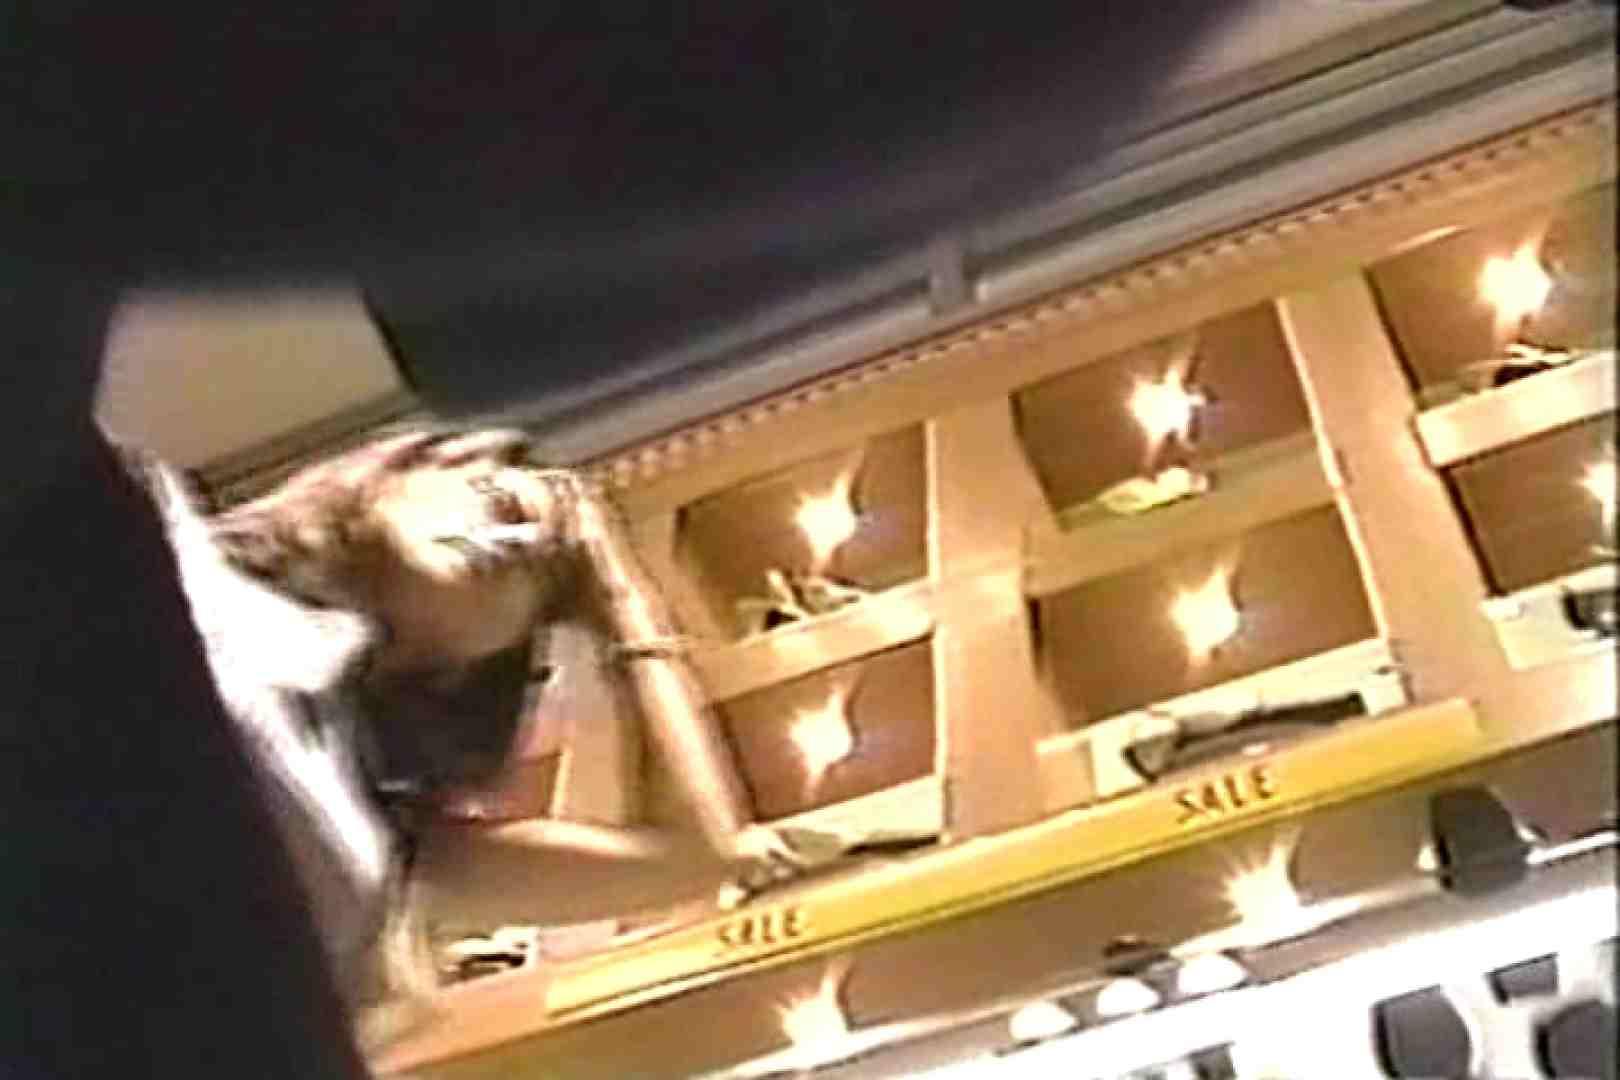 「ちくりん」さんのオリジナル未編集パンチラVol.1_01 股間満開 オマンコ無修正動画無料 23PICs 23